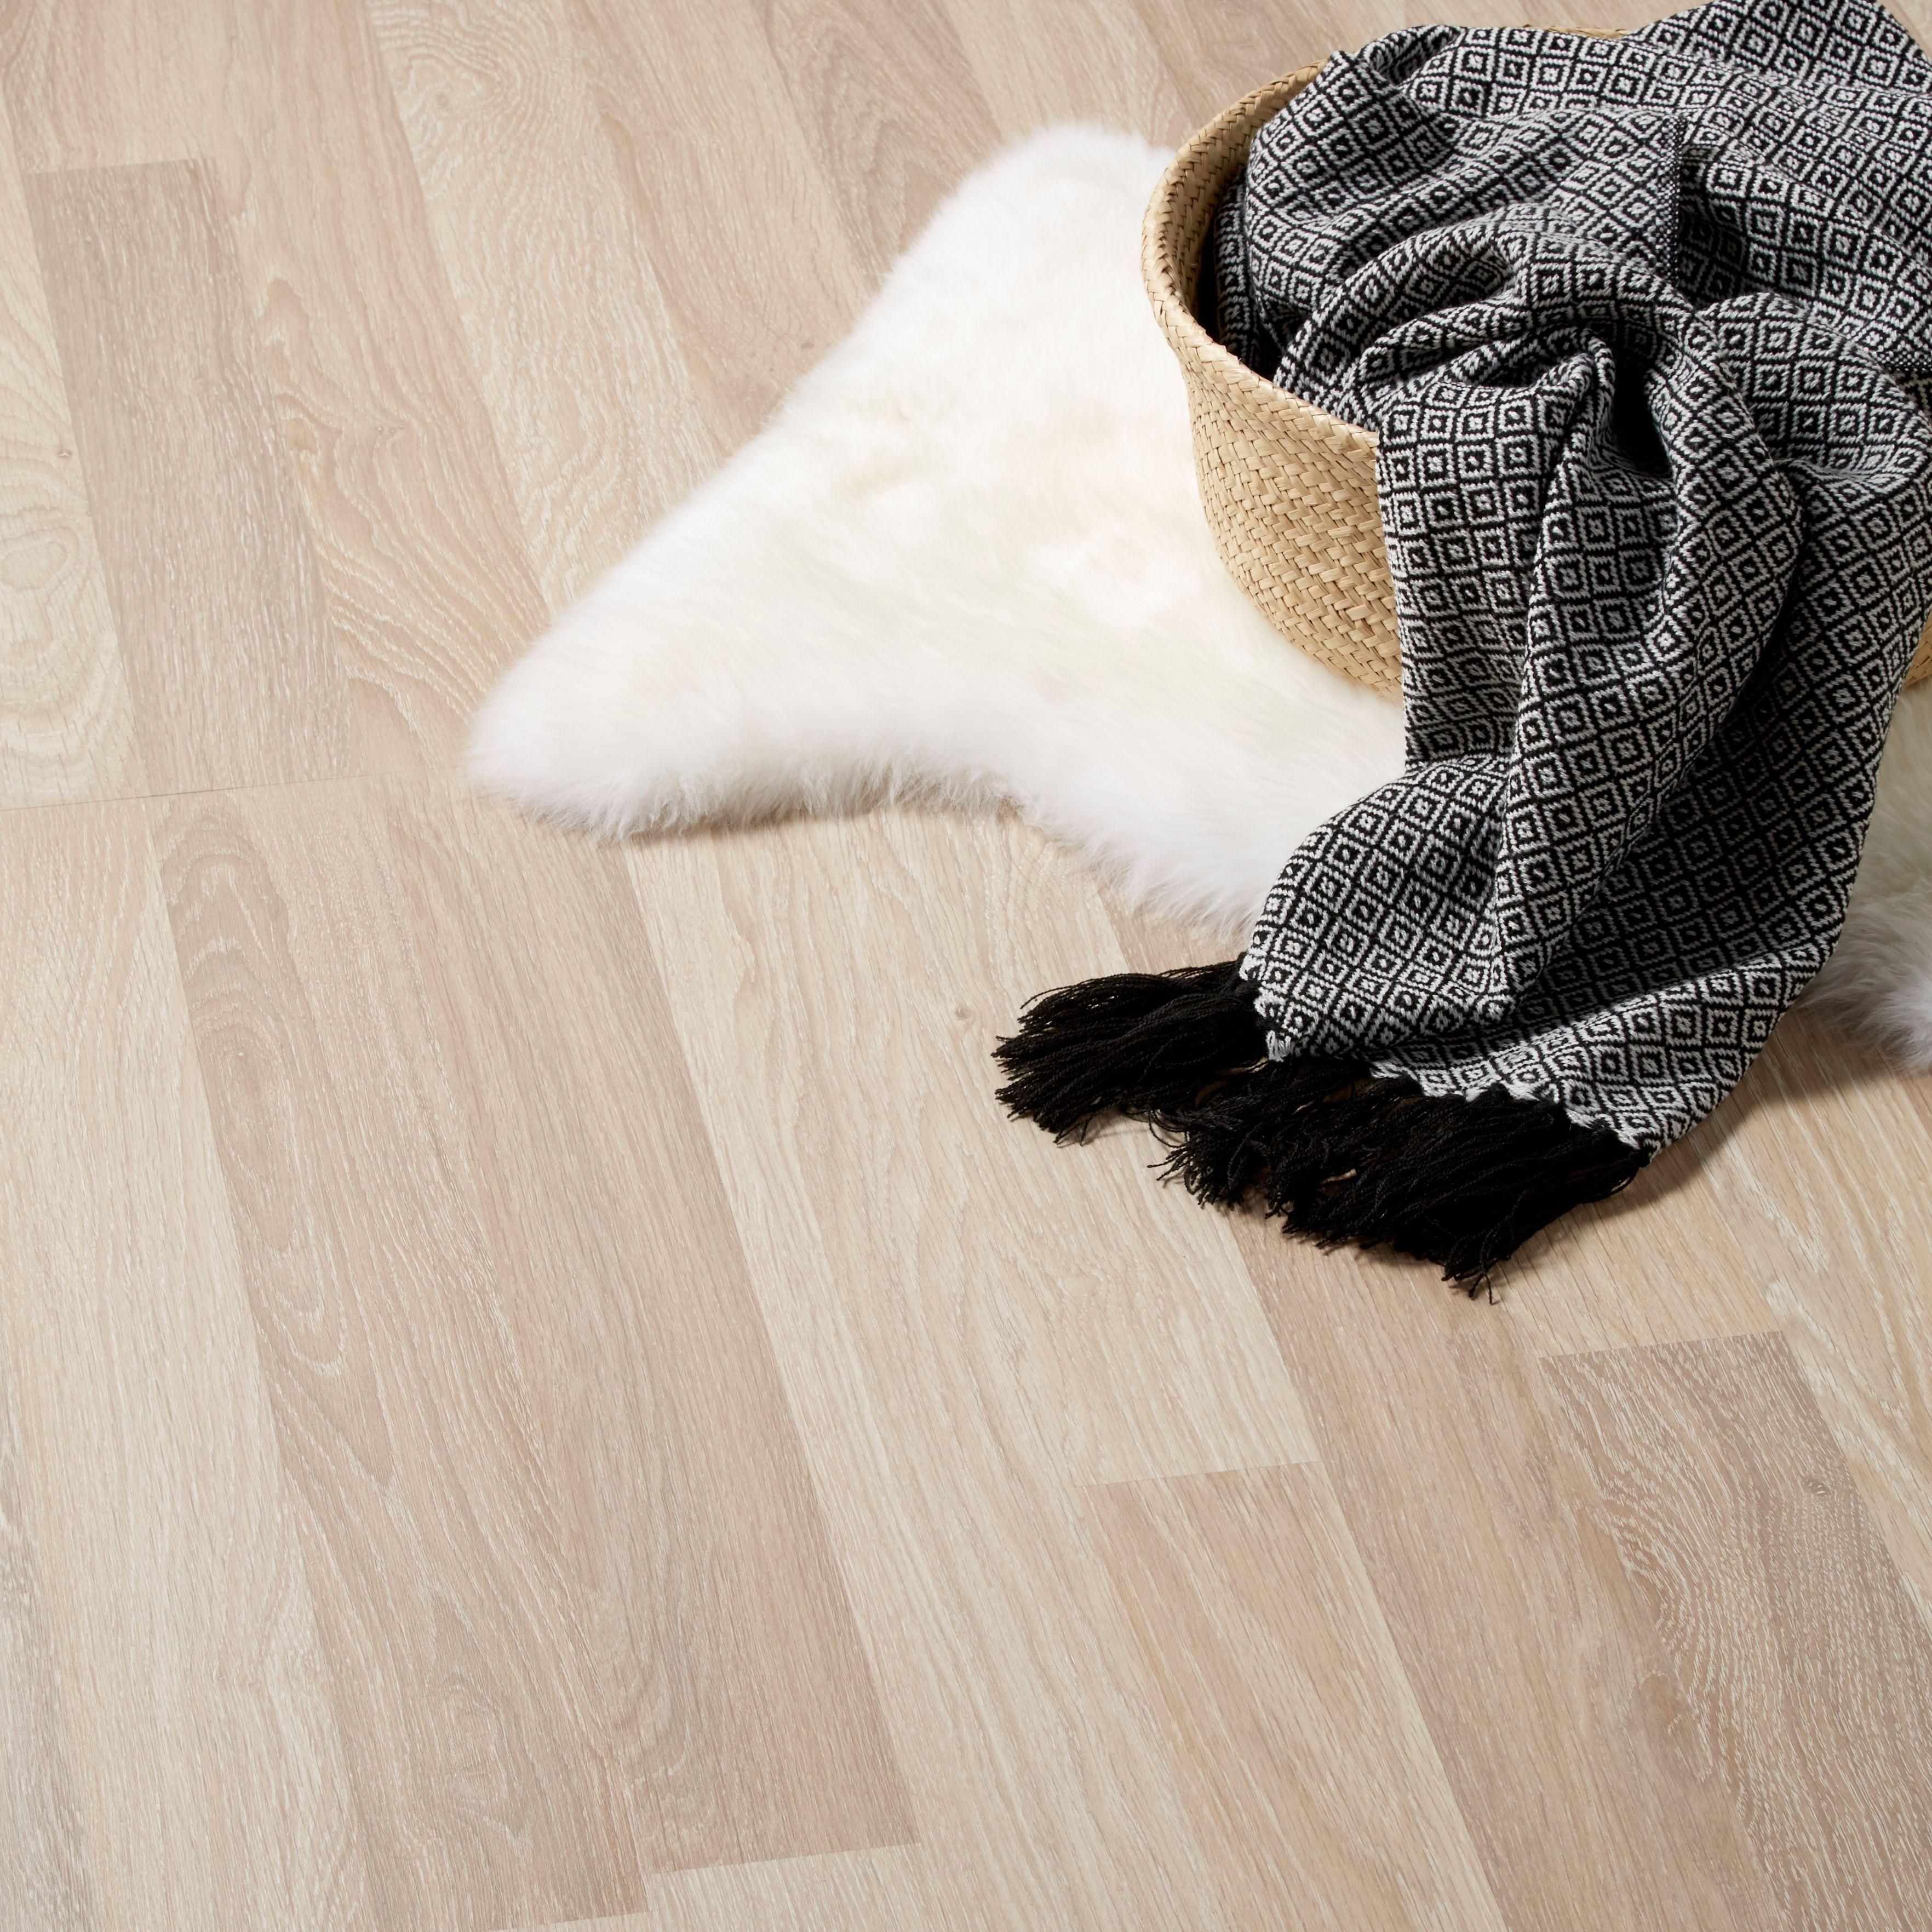 Broome Natural Oak Effect Laminate Flooring 1.996 m² Pack ...